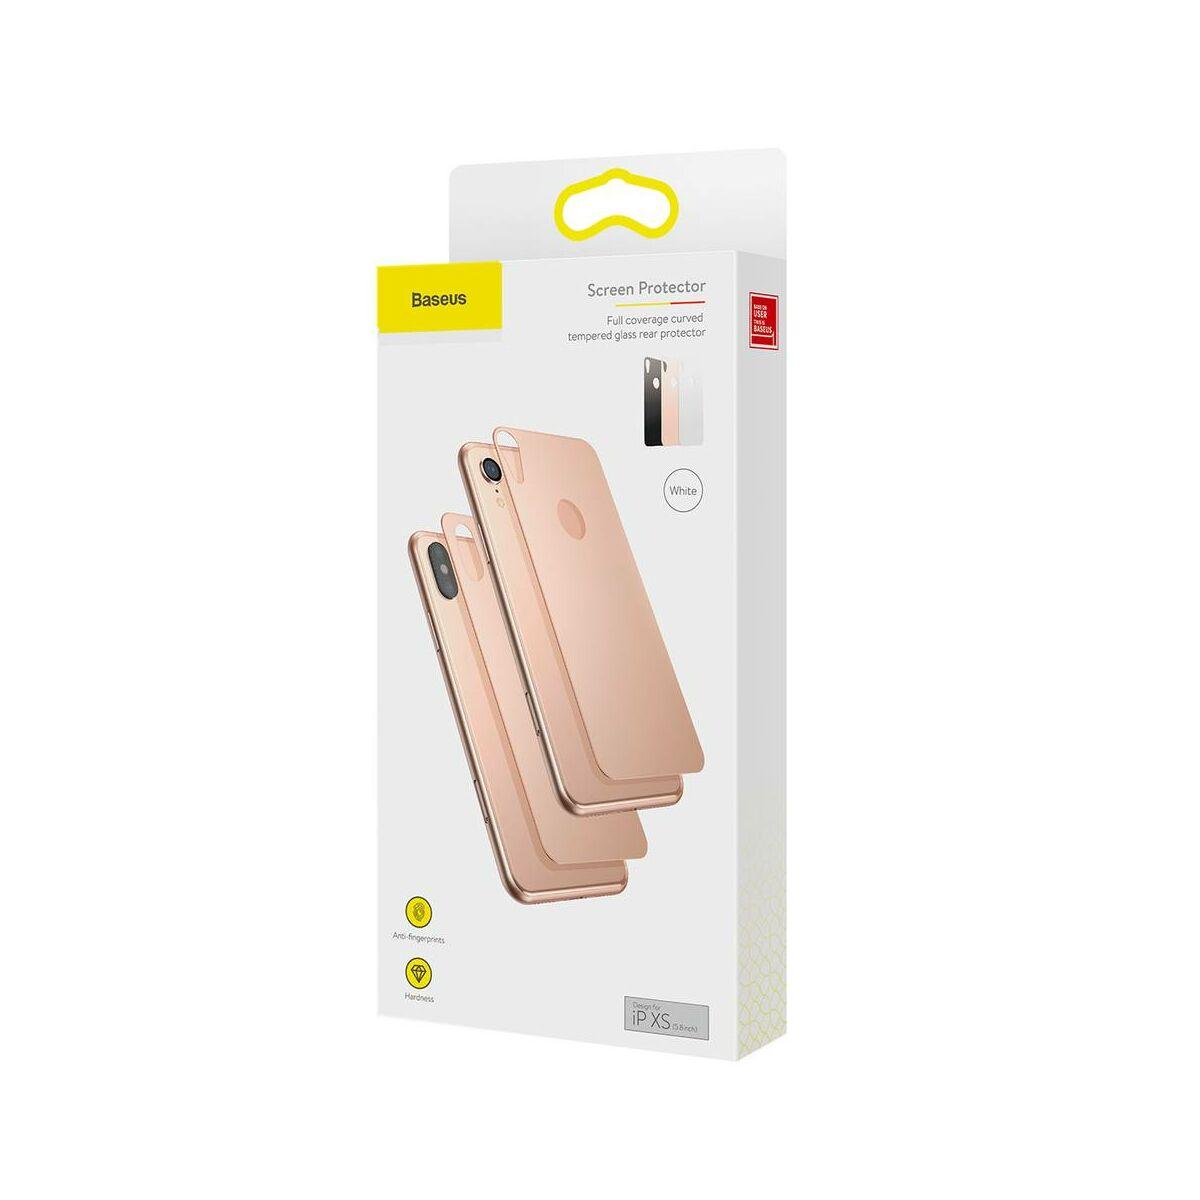 """Baseus iPhone XS (5.8"""") 0.3 mm, teljes lefedésre edzett üveg hátlap védő fólia, arany (SGAPIPH58-BM0V)"""